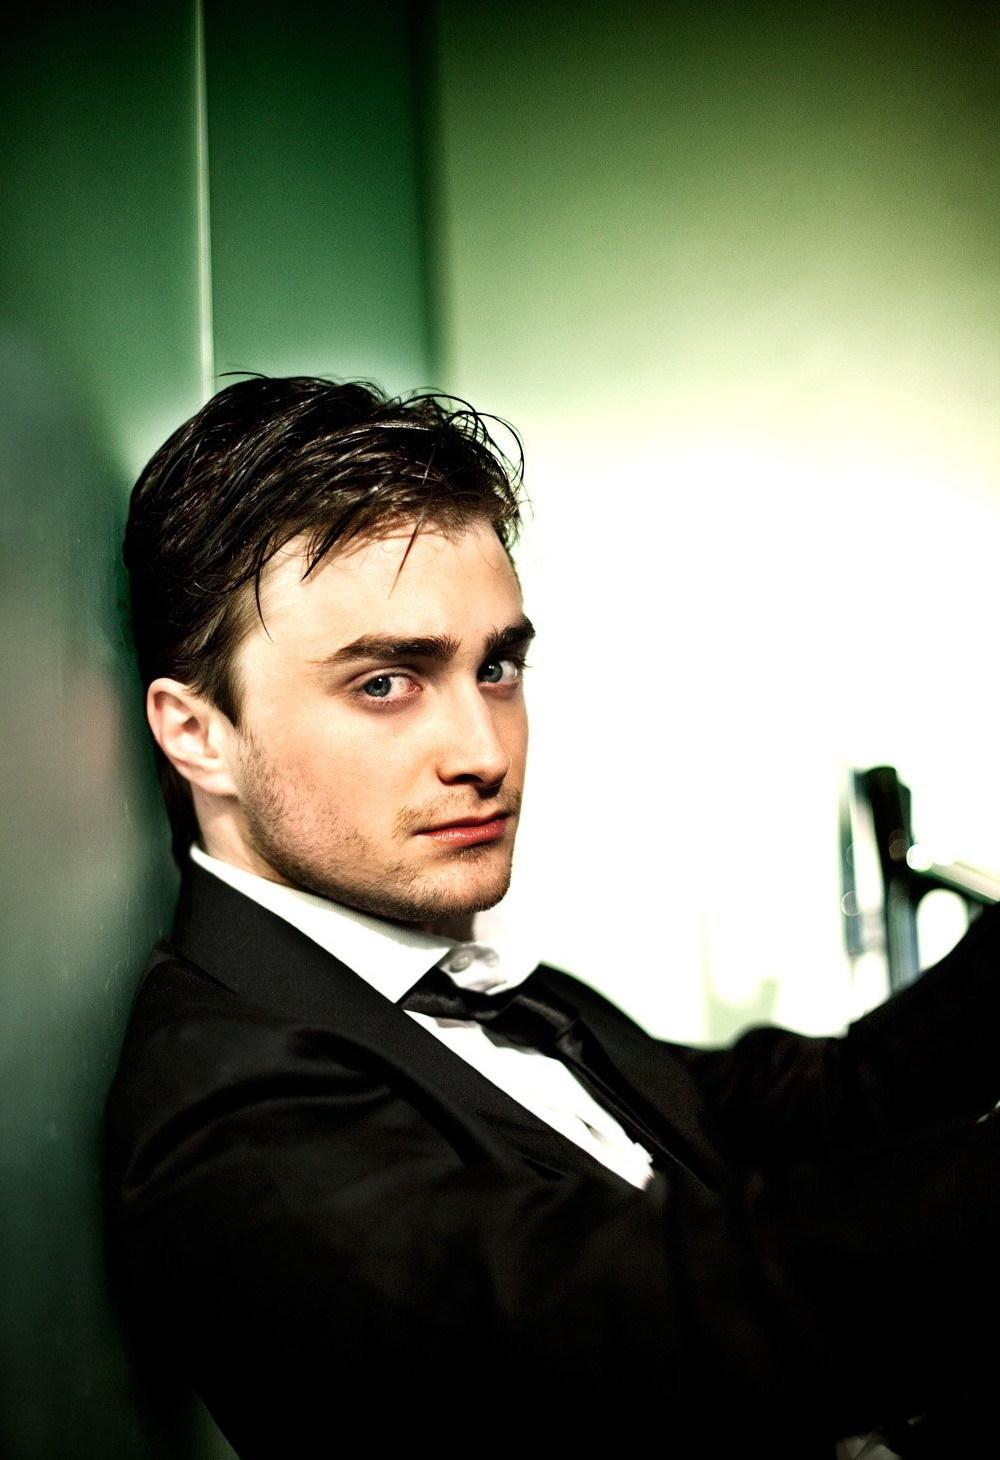 22414 descargar fondo de pantalla Personas, Actores, Hombres, Daniel Radcliffe: protectores de pantalla e imágenes gratis